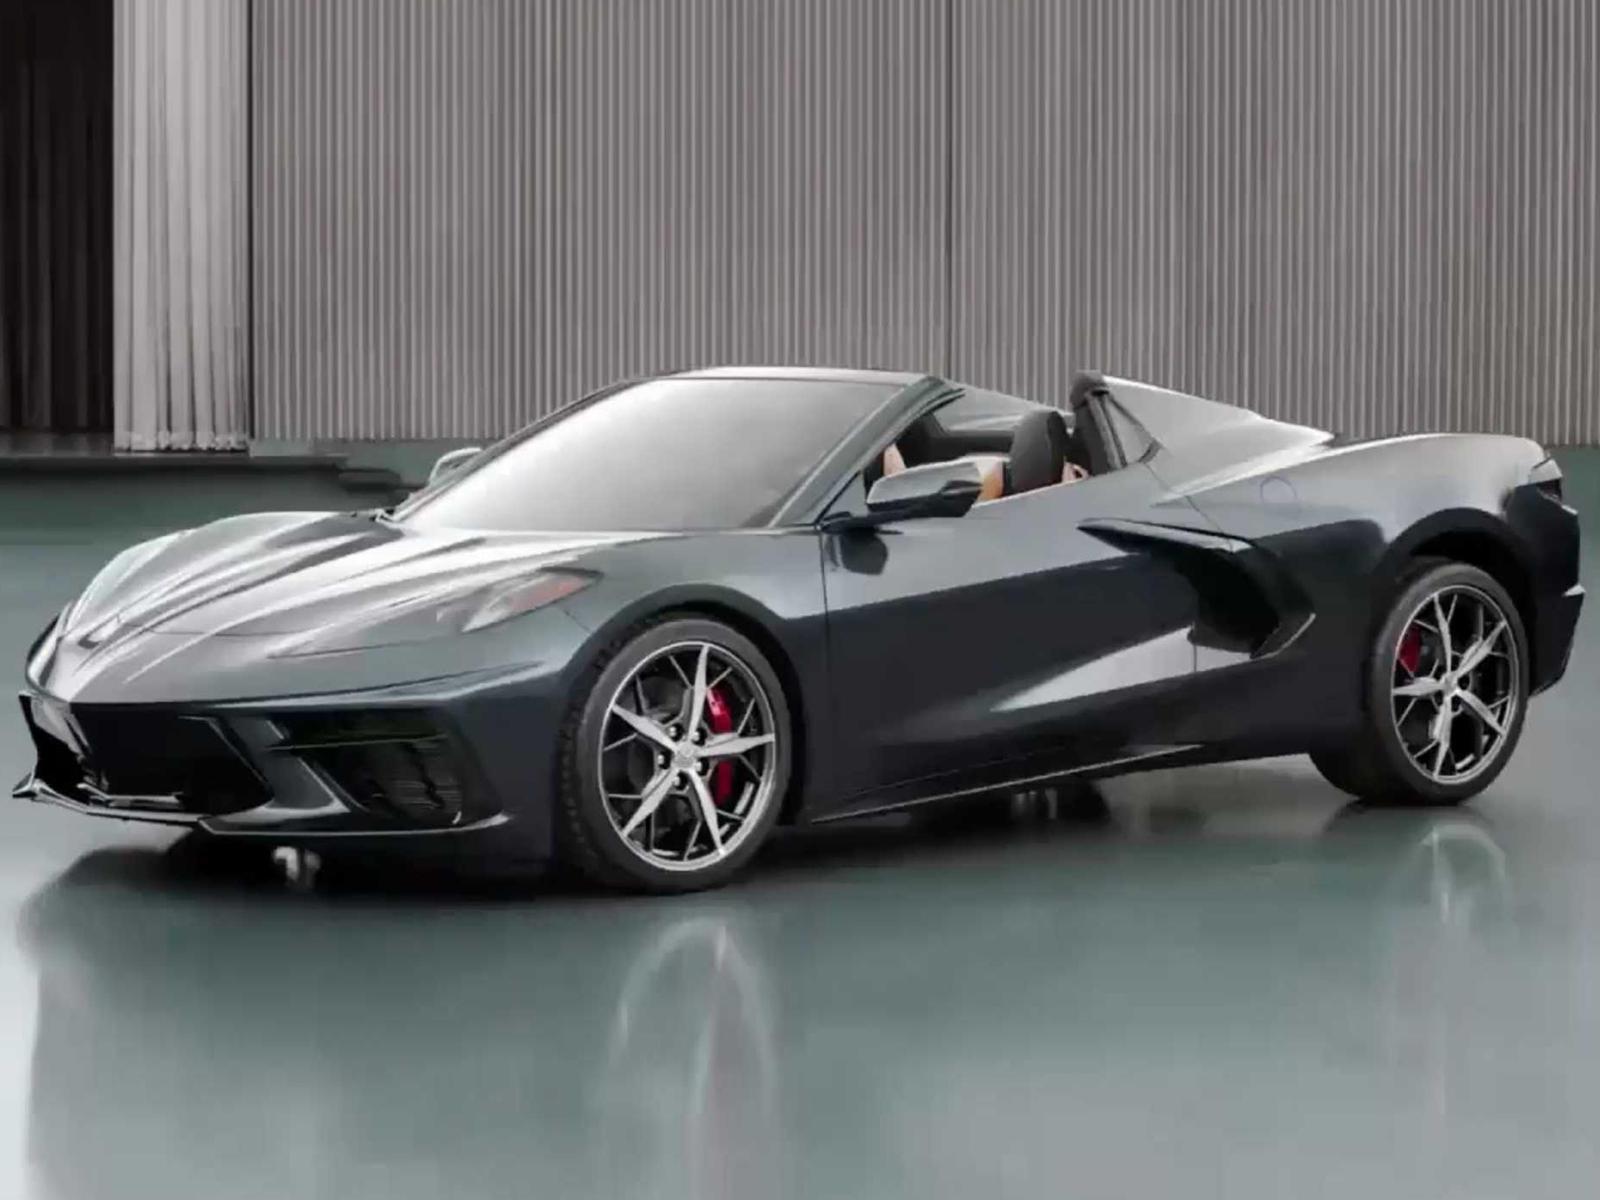 GM Revealed First Corvette convertible : Full Specs snd Details